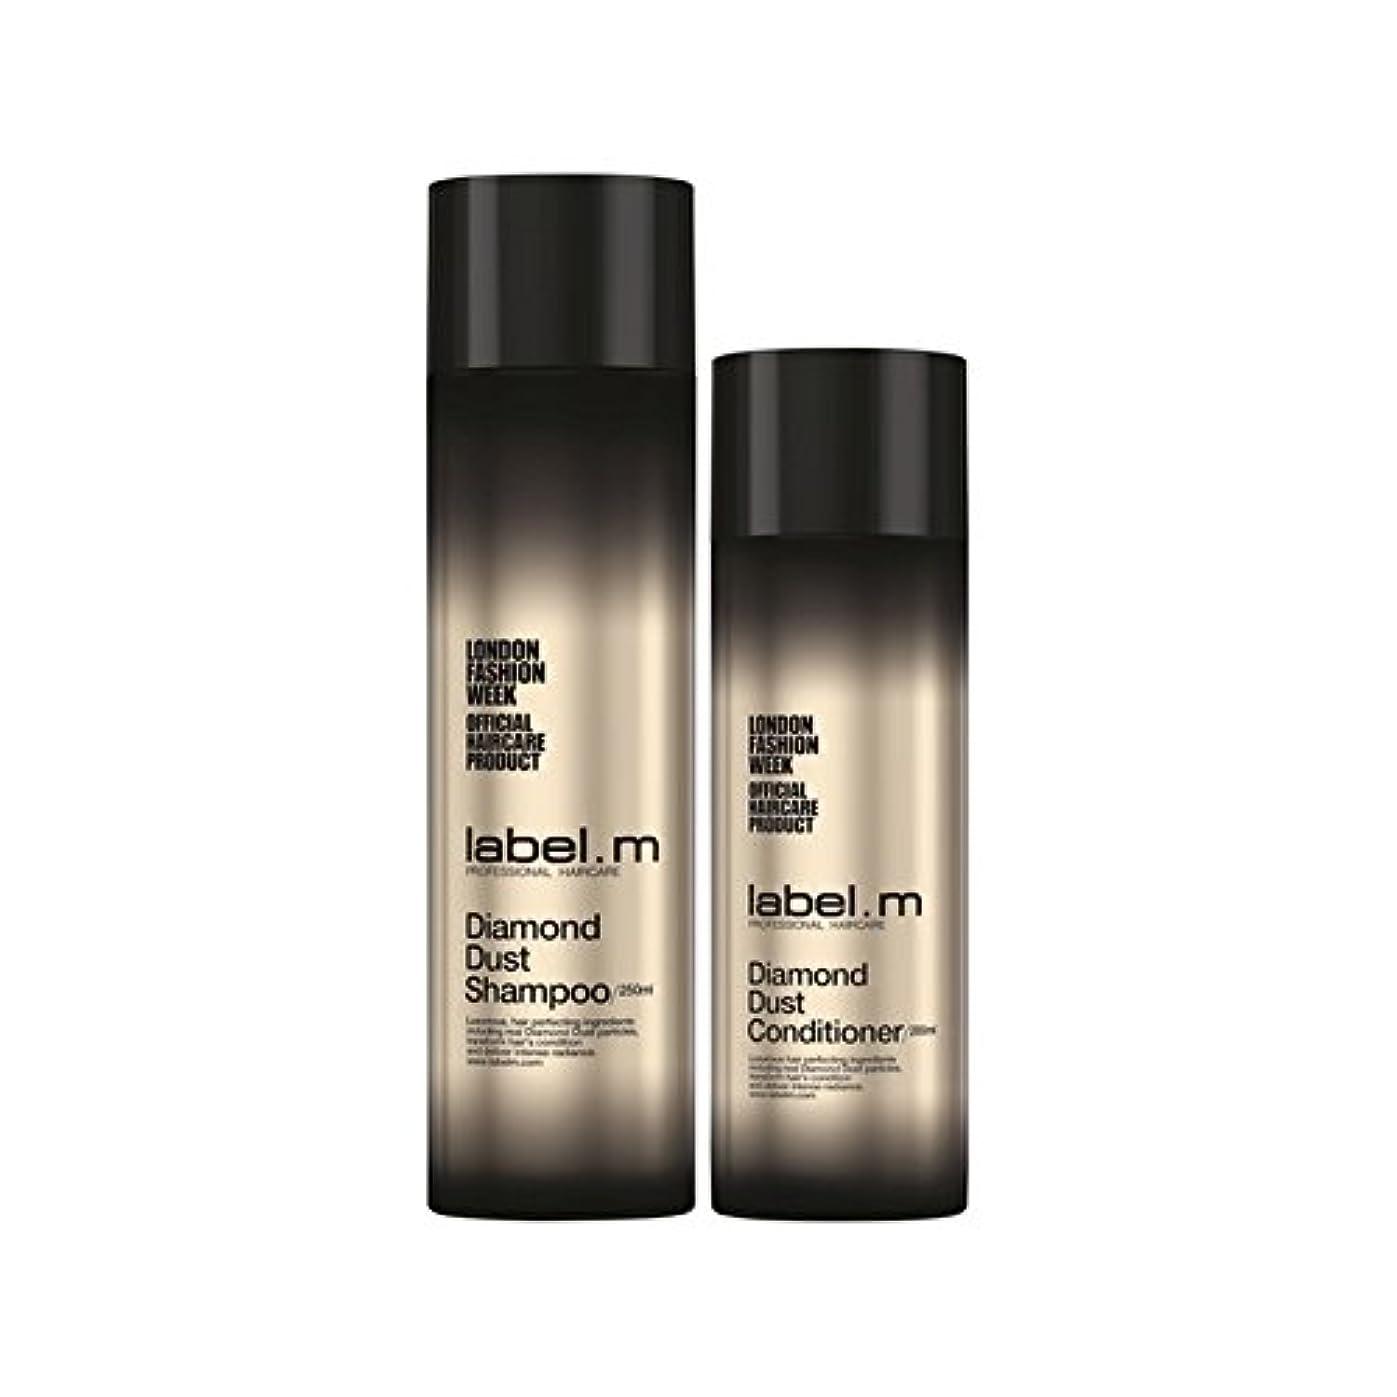 力強いビーズ優雅な.ダイヤモンドダストのシャンプーとコンディショナーのデュオ x2 - Label.M Diamond Dust Shampoo And Conditioner Duo (Pack of 2) [並行輸入品]